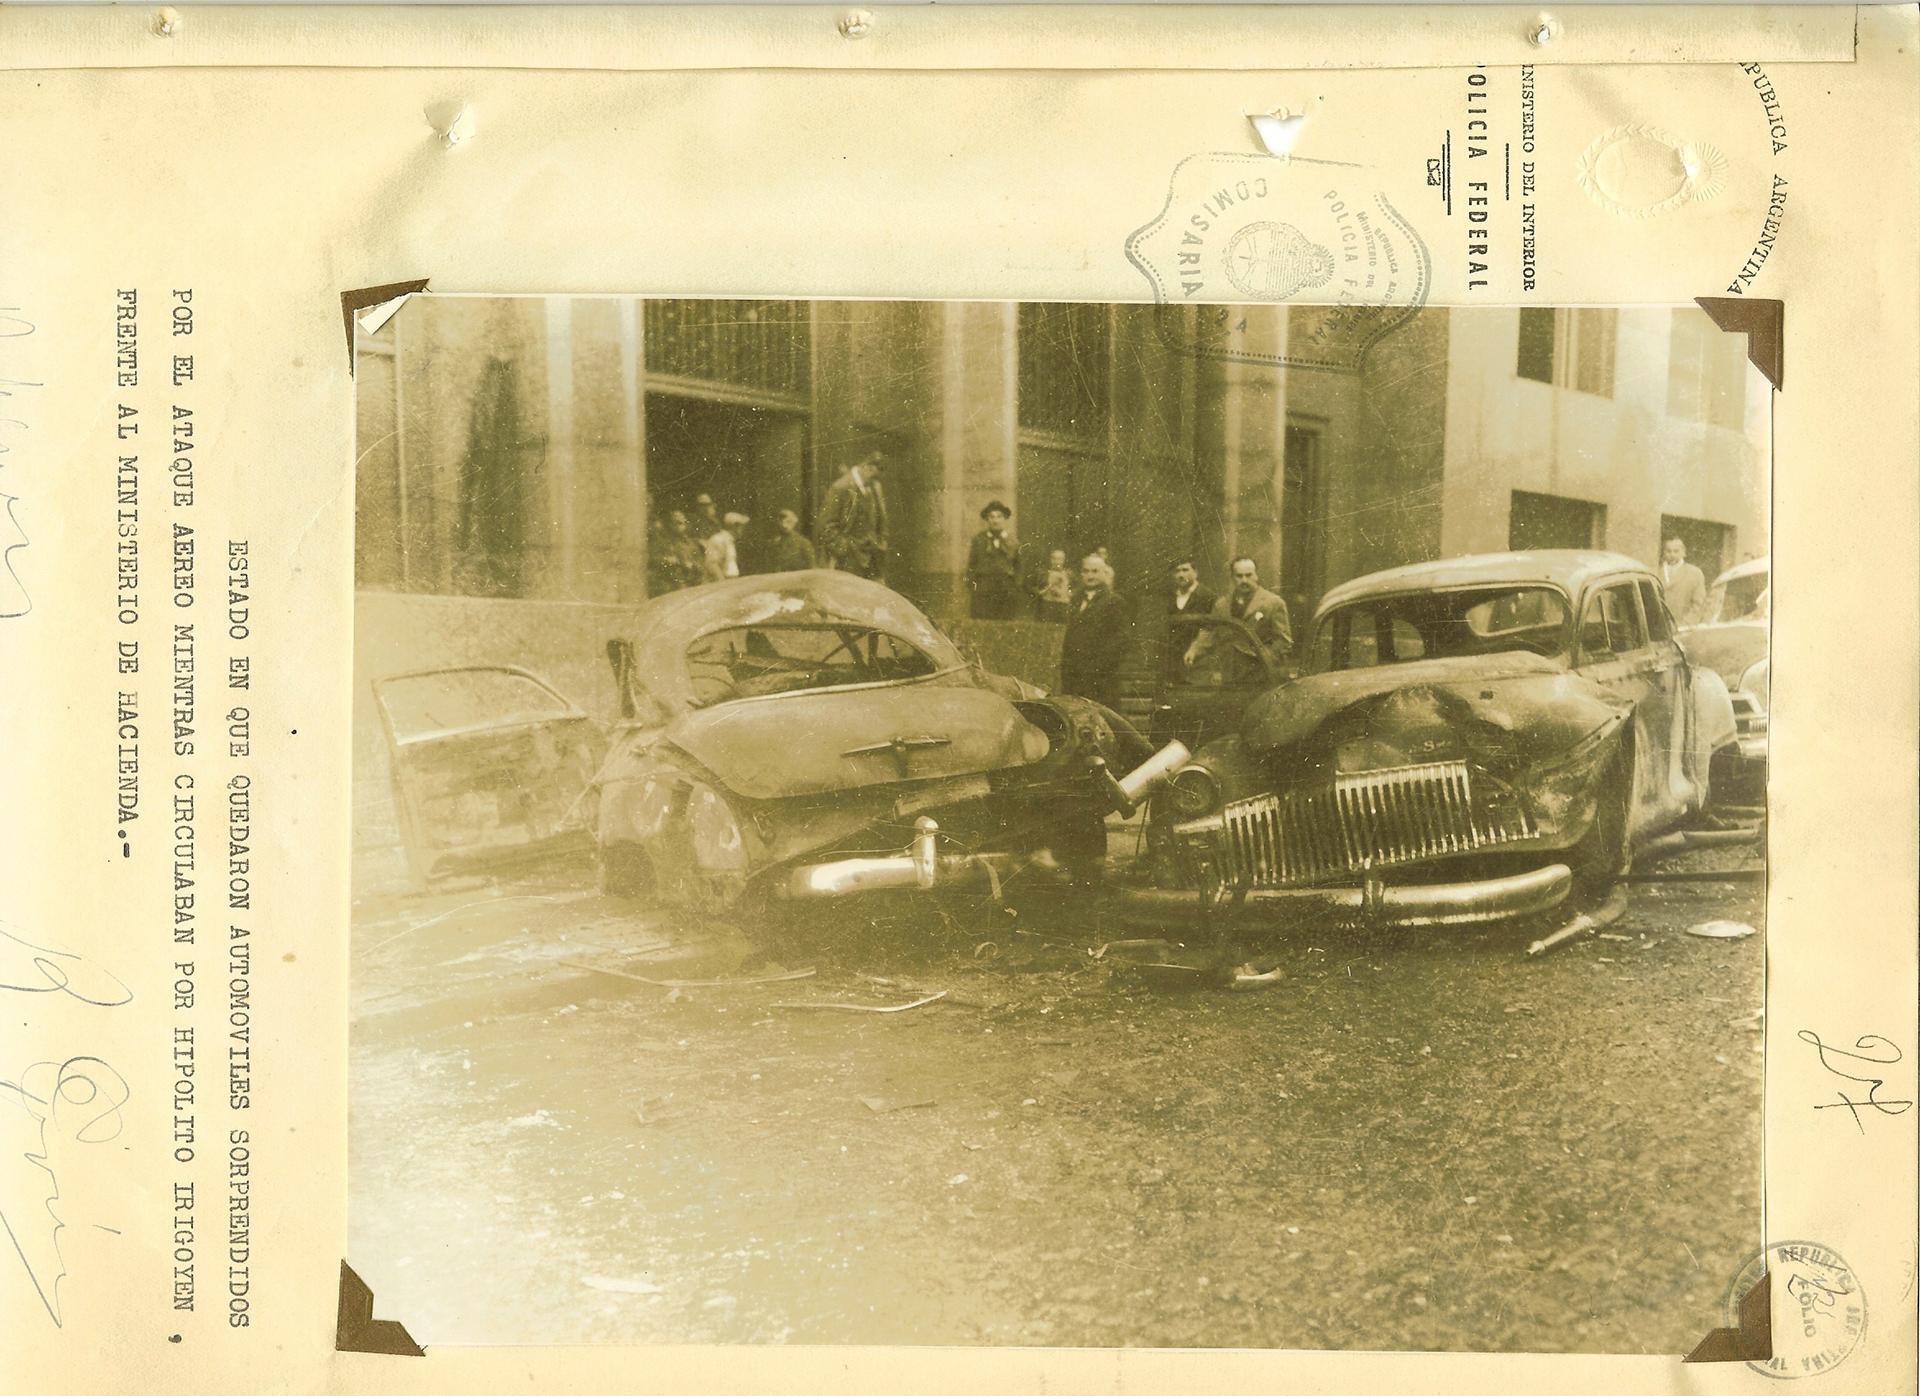 Dos autos destruidos. Otra consecuencia del intento de golpe de Estado contra Juan Domingo Perón.